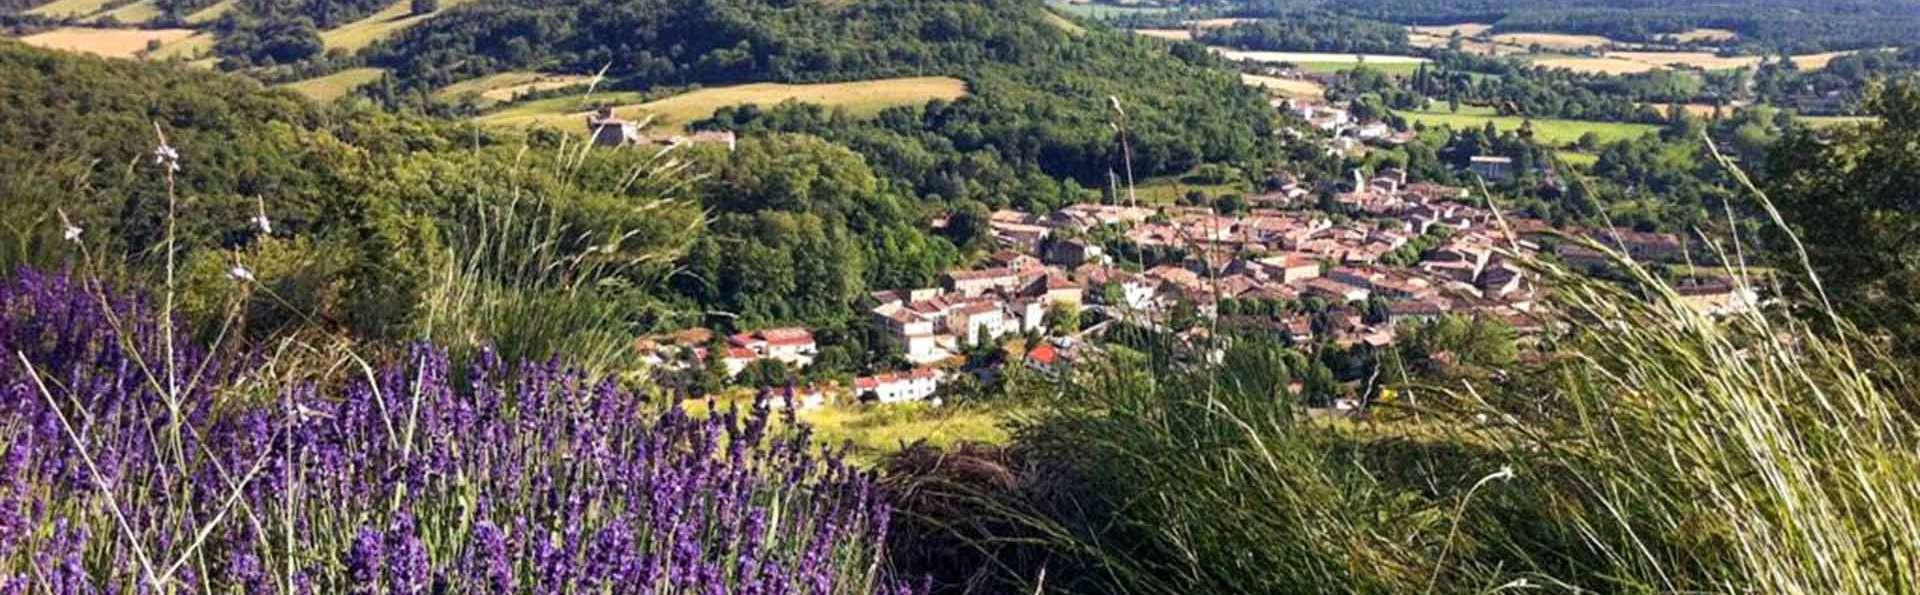 Saveurs du terroir près de Carcassonne